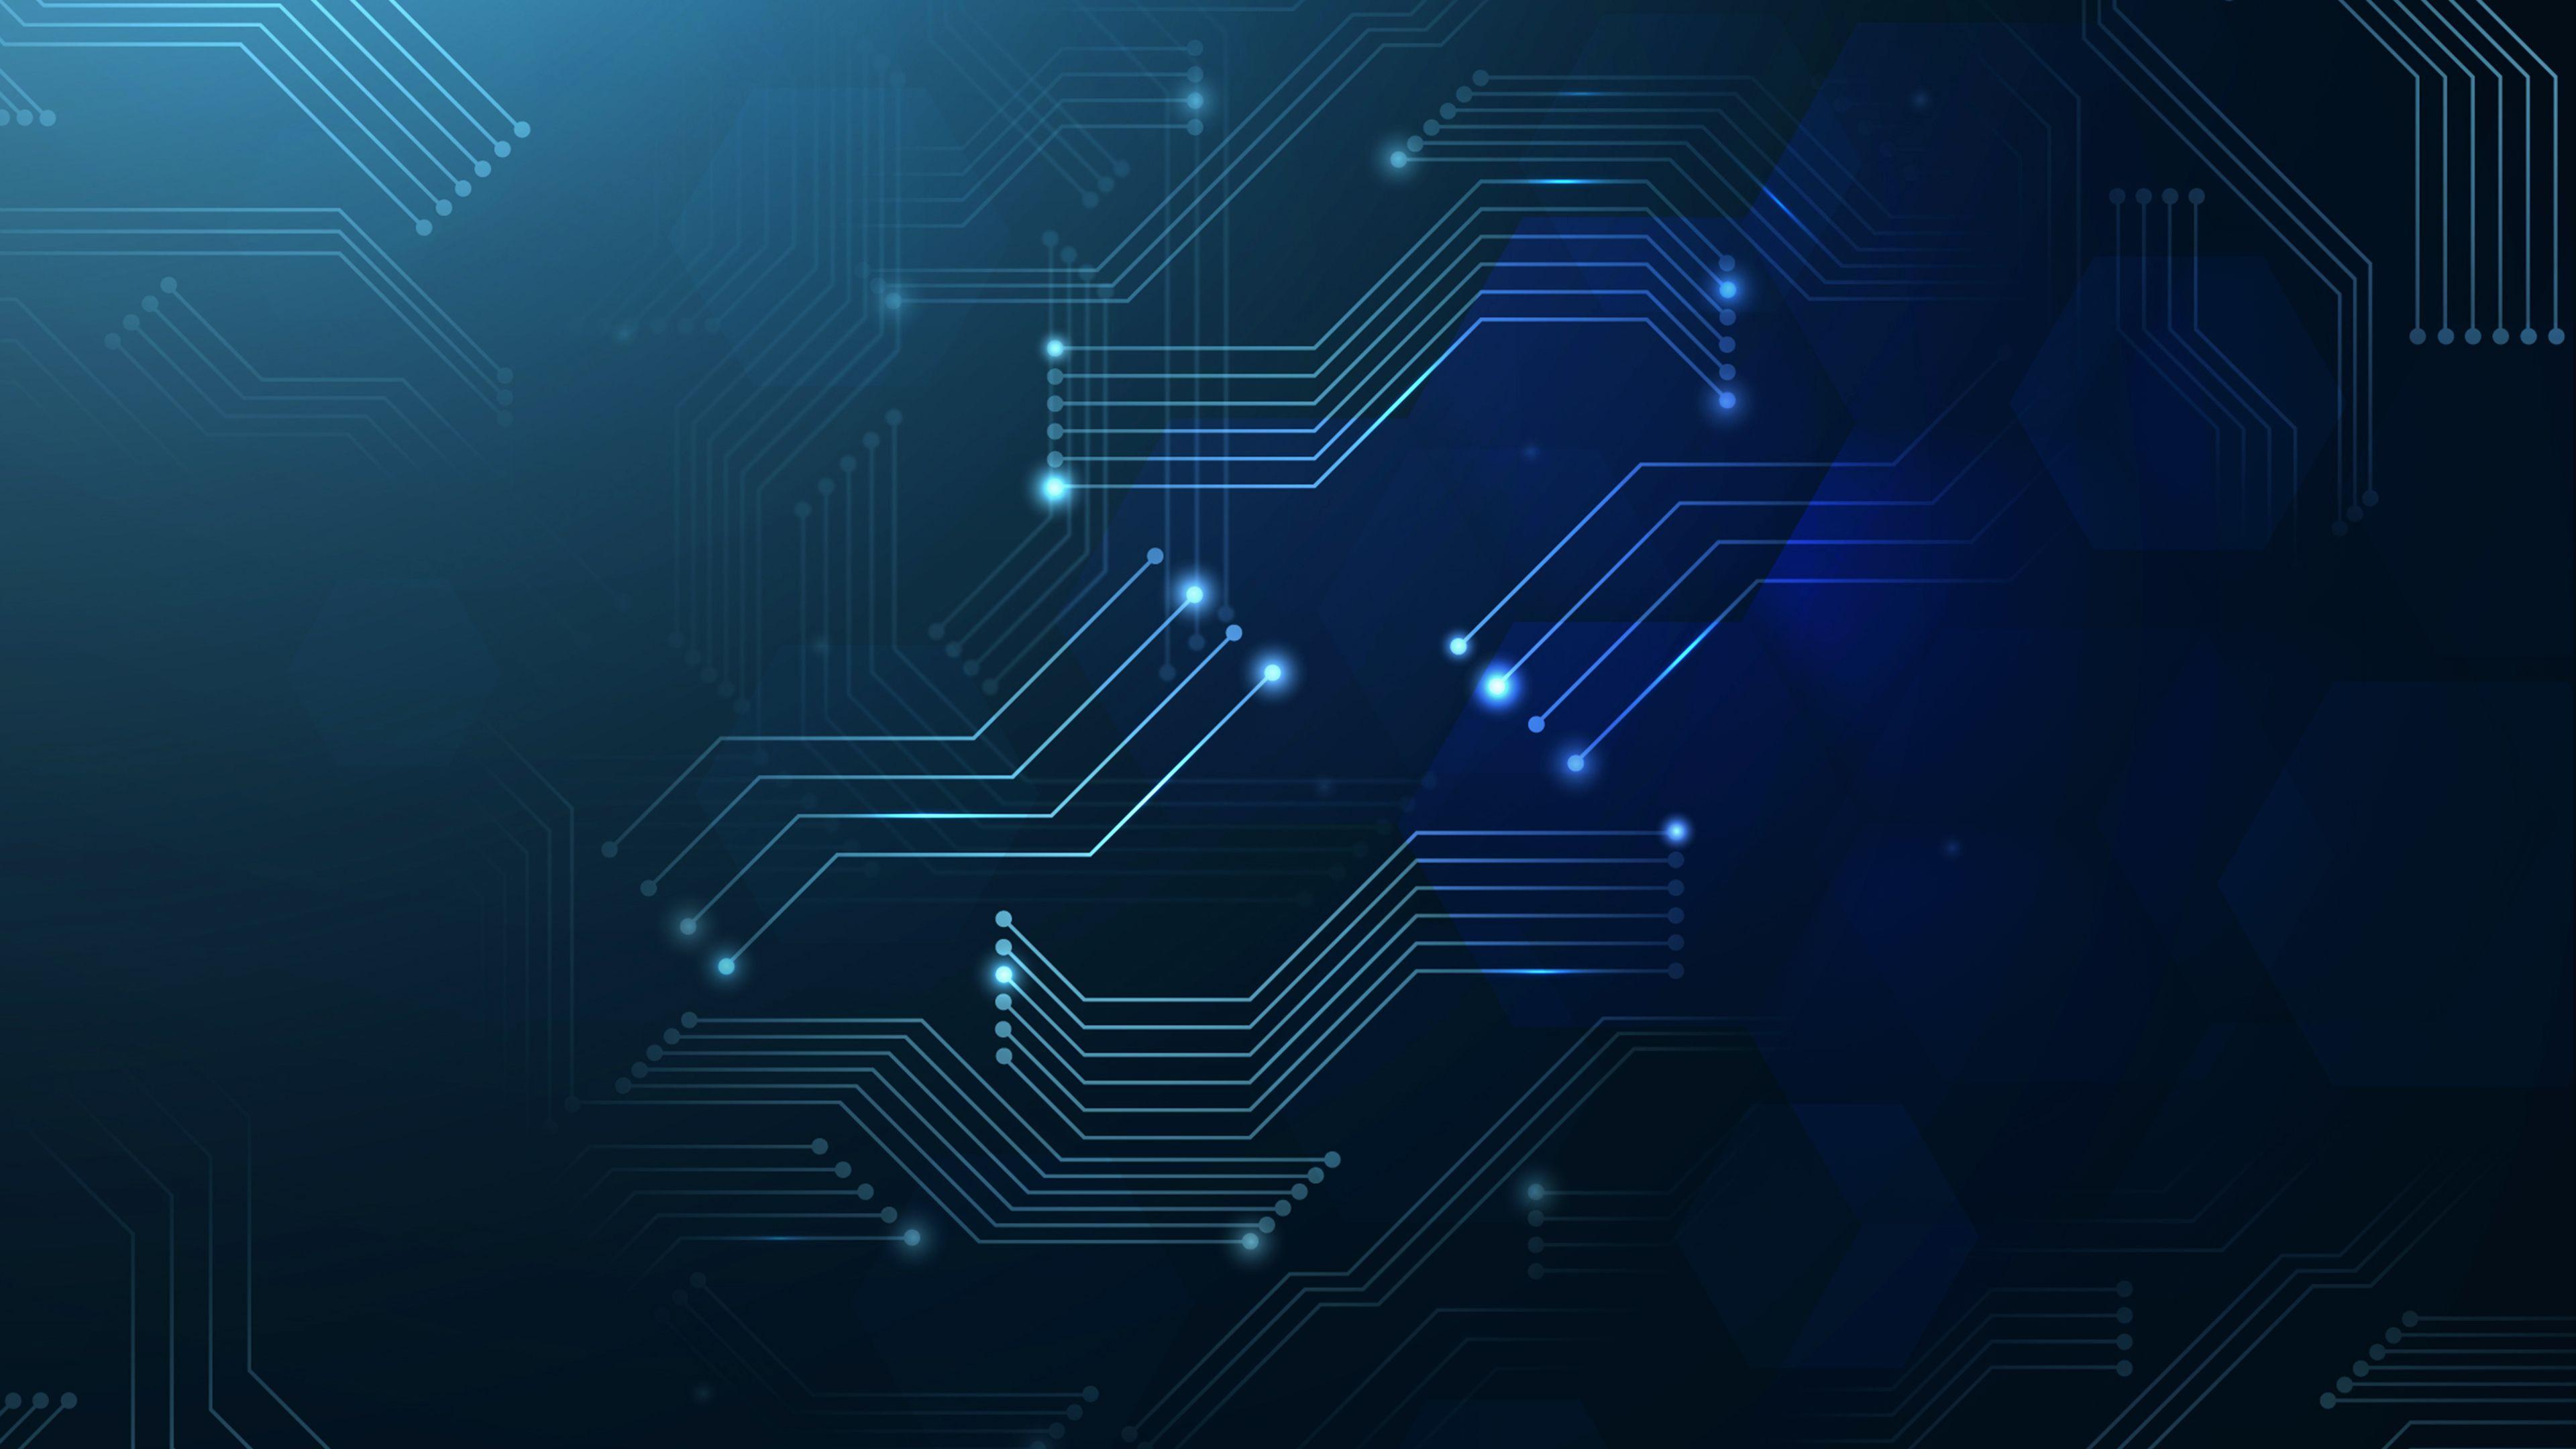 Blue Tech Wallpapers   Top Blue Tech Backgrounds 3840x2160